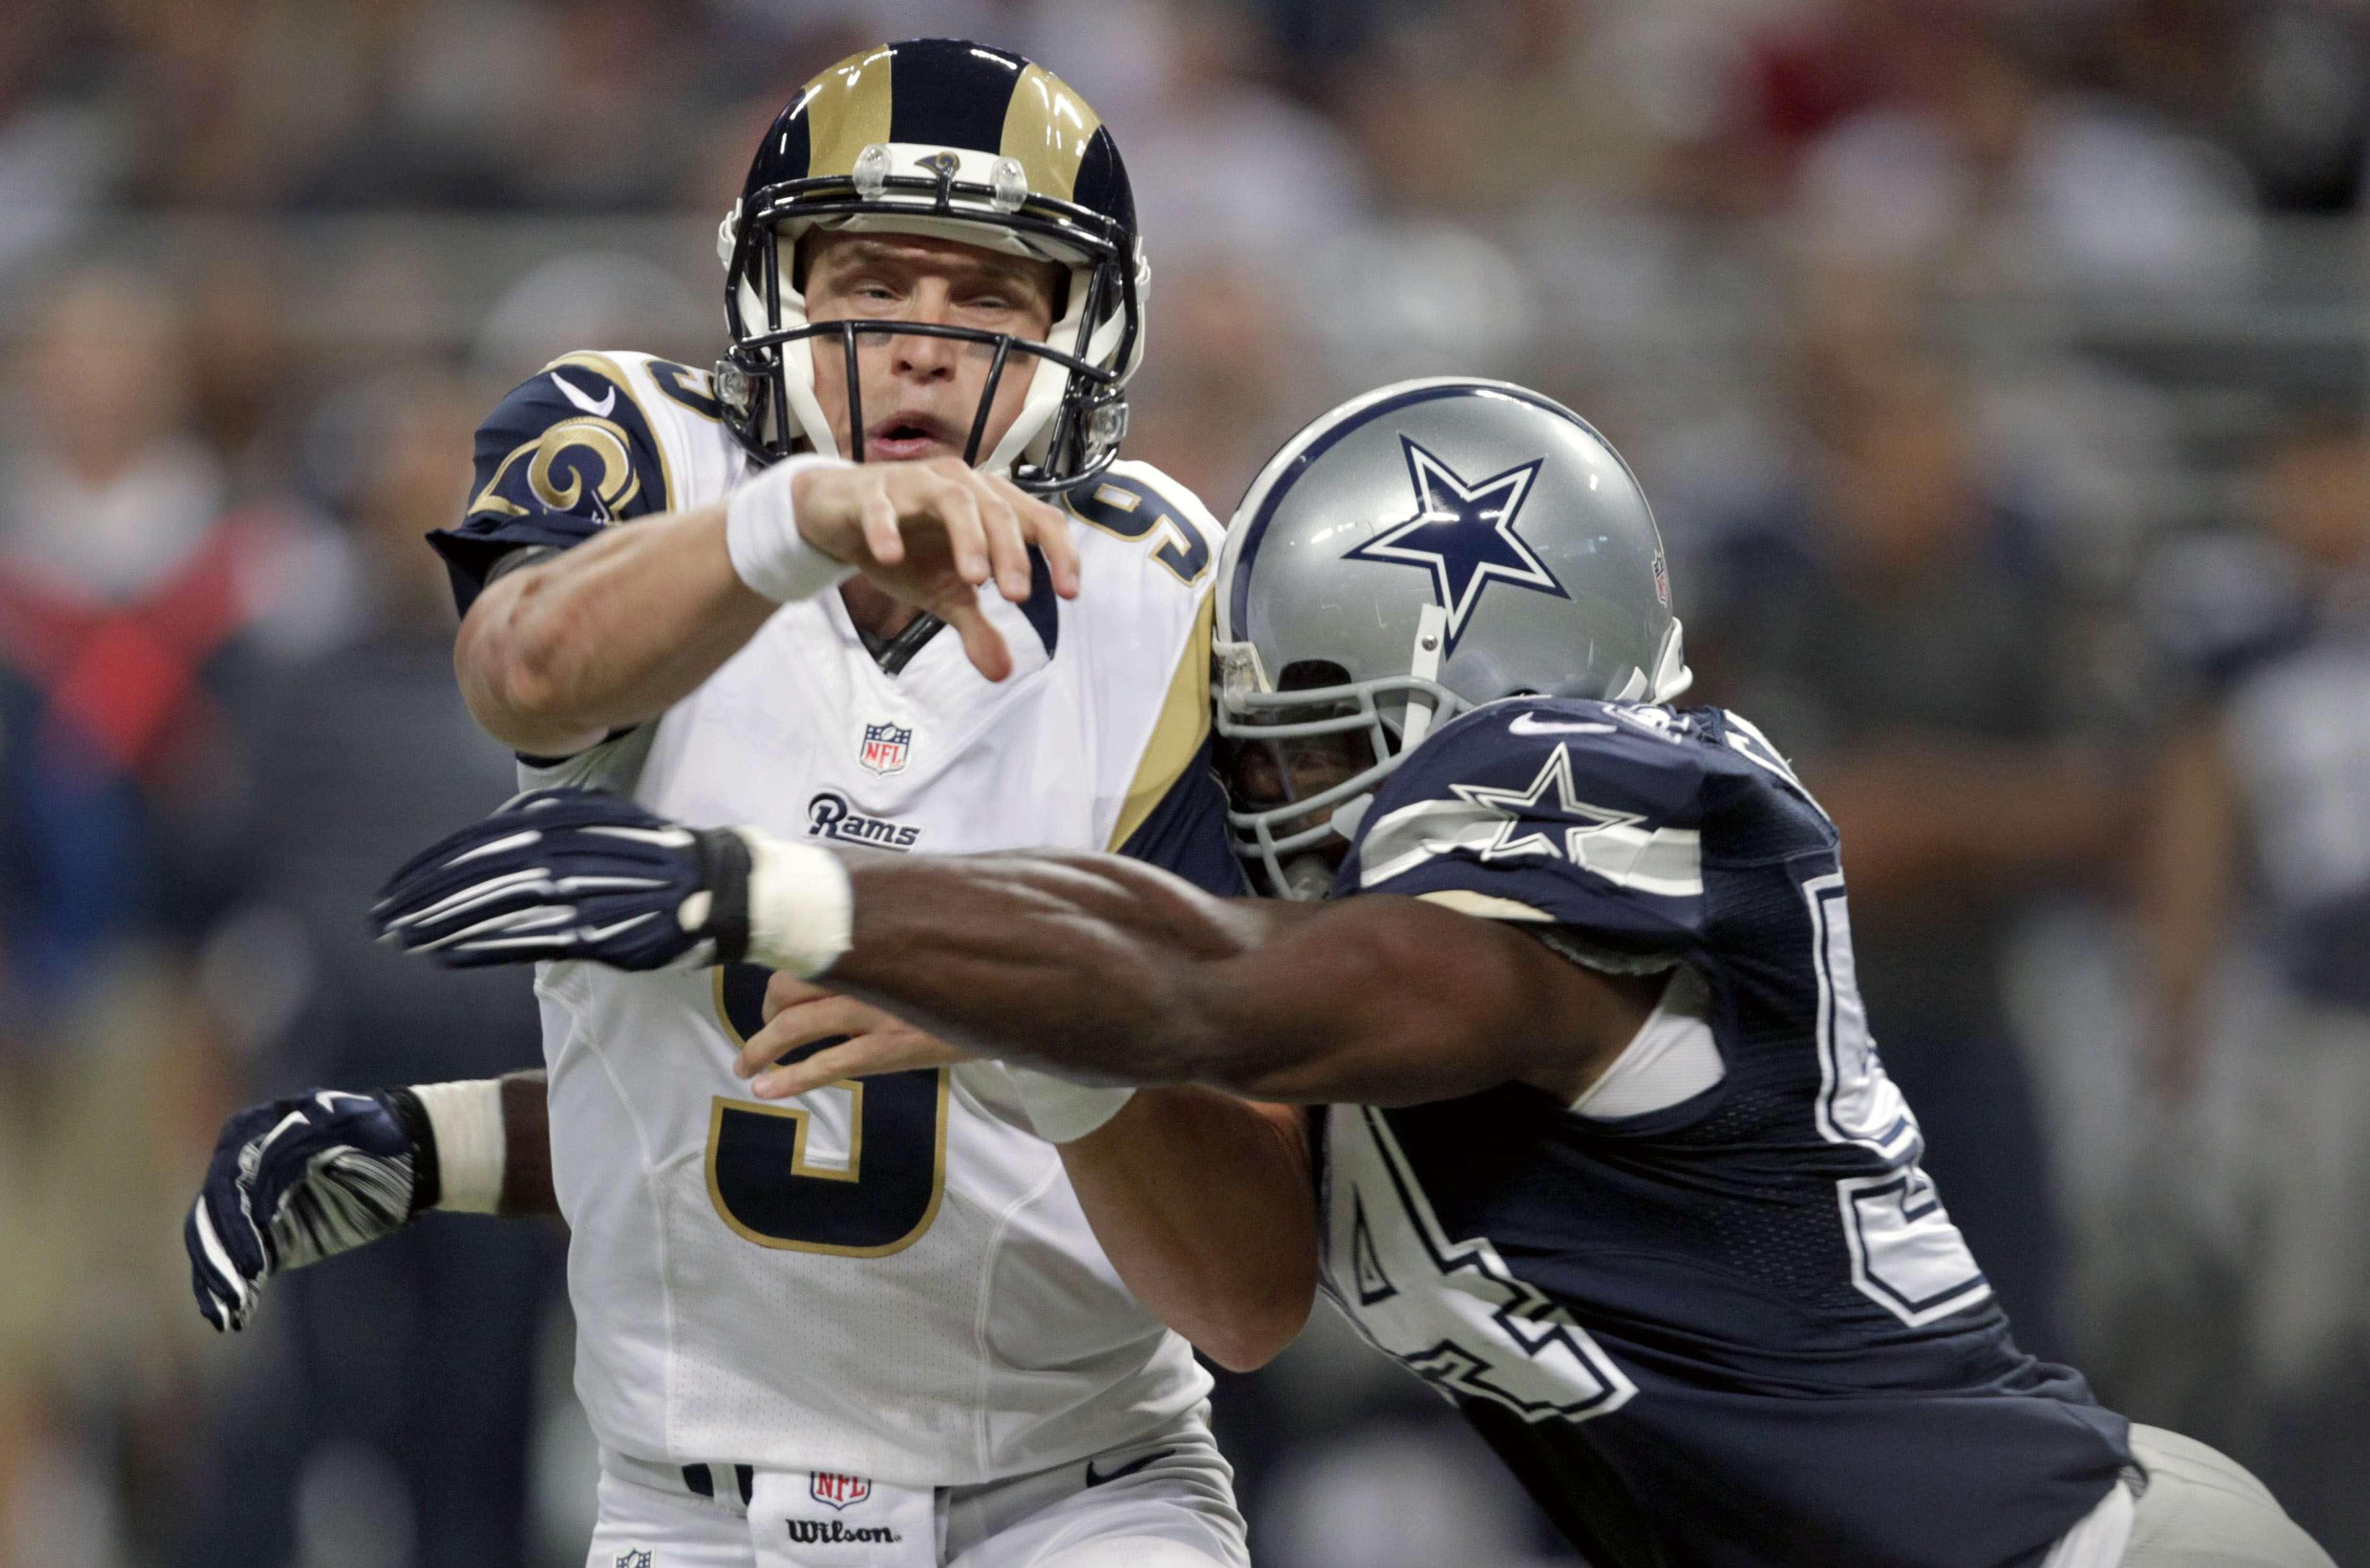 El QB de los Rams, Astin Davis es golpeado por el linebacker Bruce Carter Foto: AP